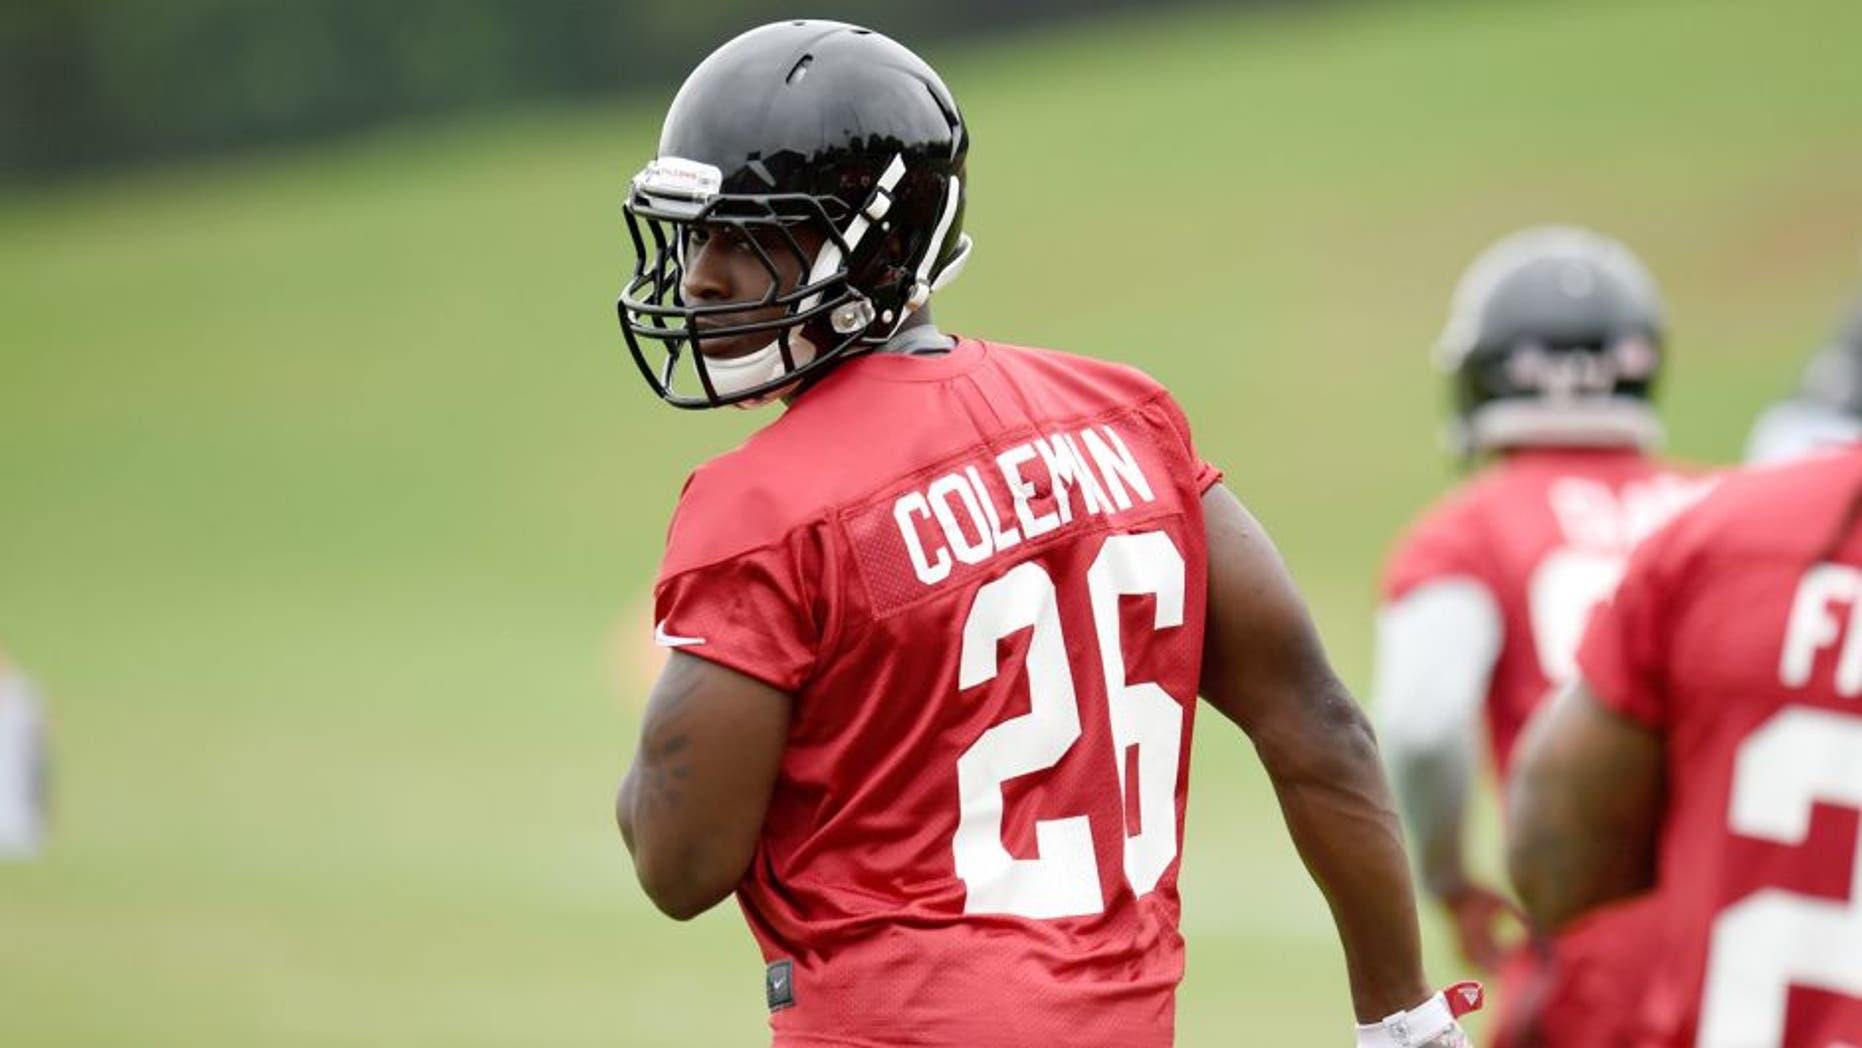 May 26, 2015; Atlanta, GA, USA; Atlanta Falcons running back Tevin Coleman (26) on the field during OTA at Falcons Training Facility. Mandatory Credit: Dale Zanine-USA TODAY Sports